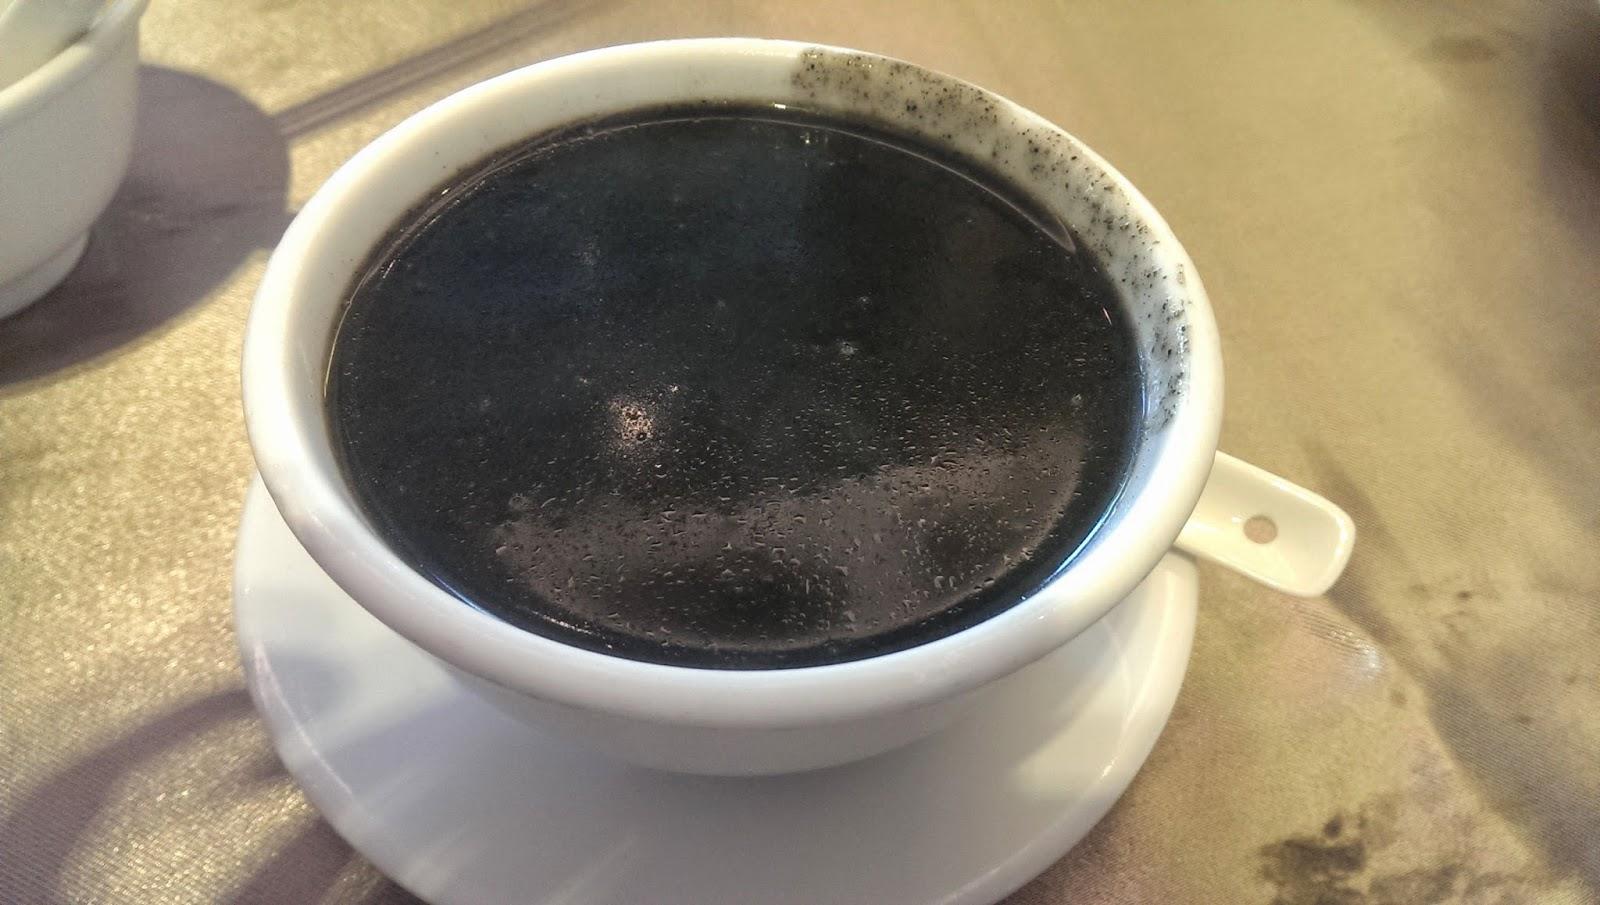 2015 01 25%2B12.30.42 - [食記] 高雄寒軒大飯店 - 吃飲茶囉!開心愜意的飲茶好去處